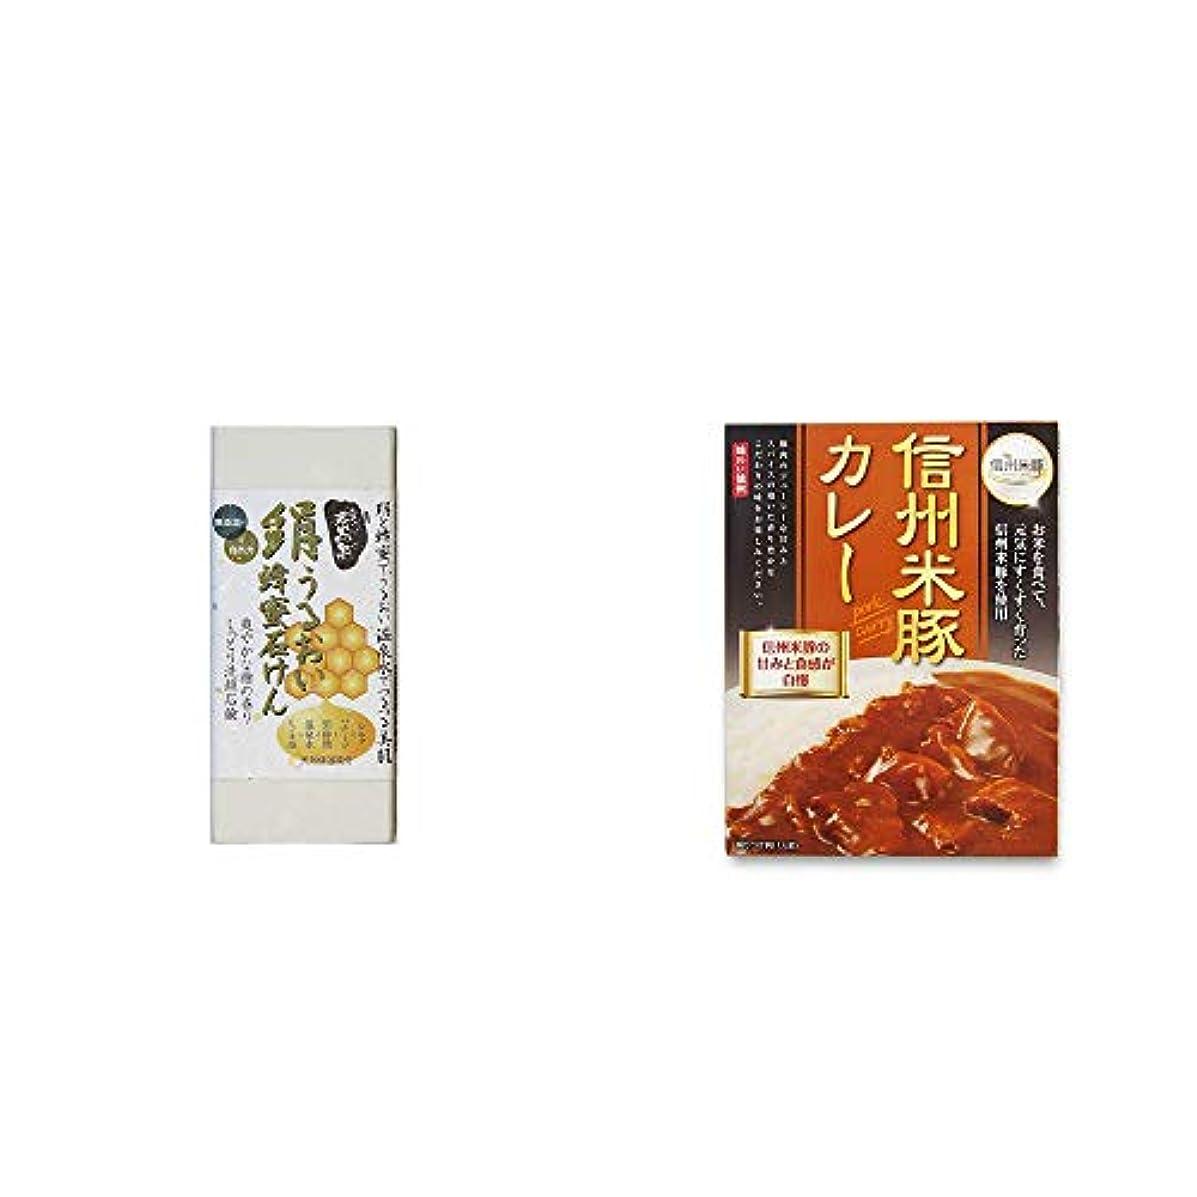 疾患待って節約[2点セット] ひのき炭黒泉 絹うるおい蜂蜜石けん(75g×2)?信州米豚カレー(1食分)